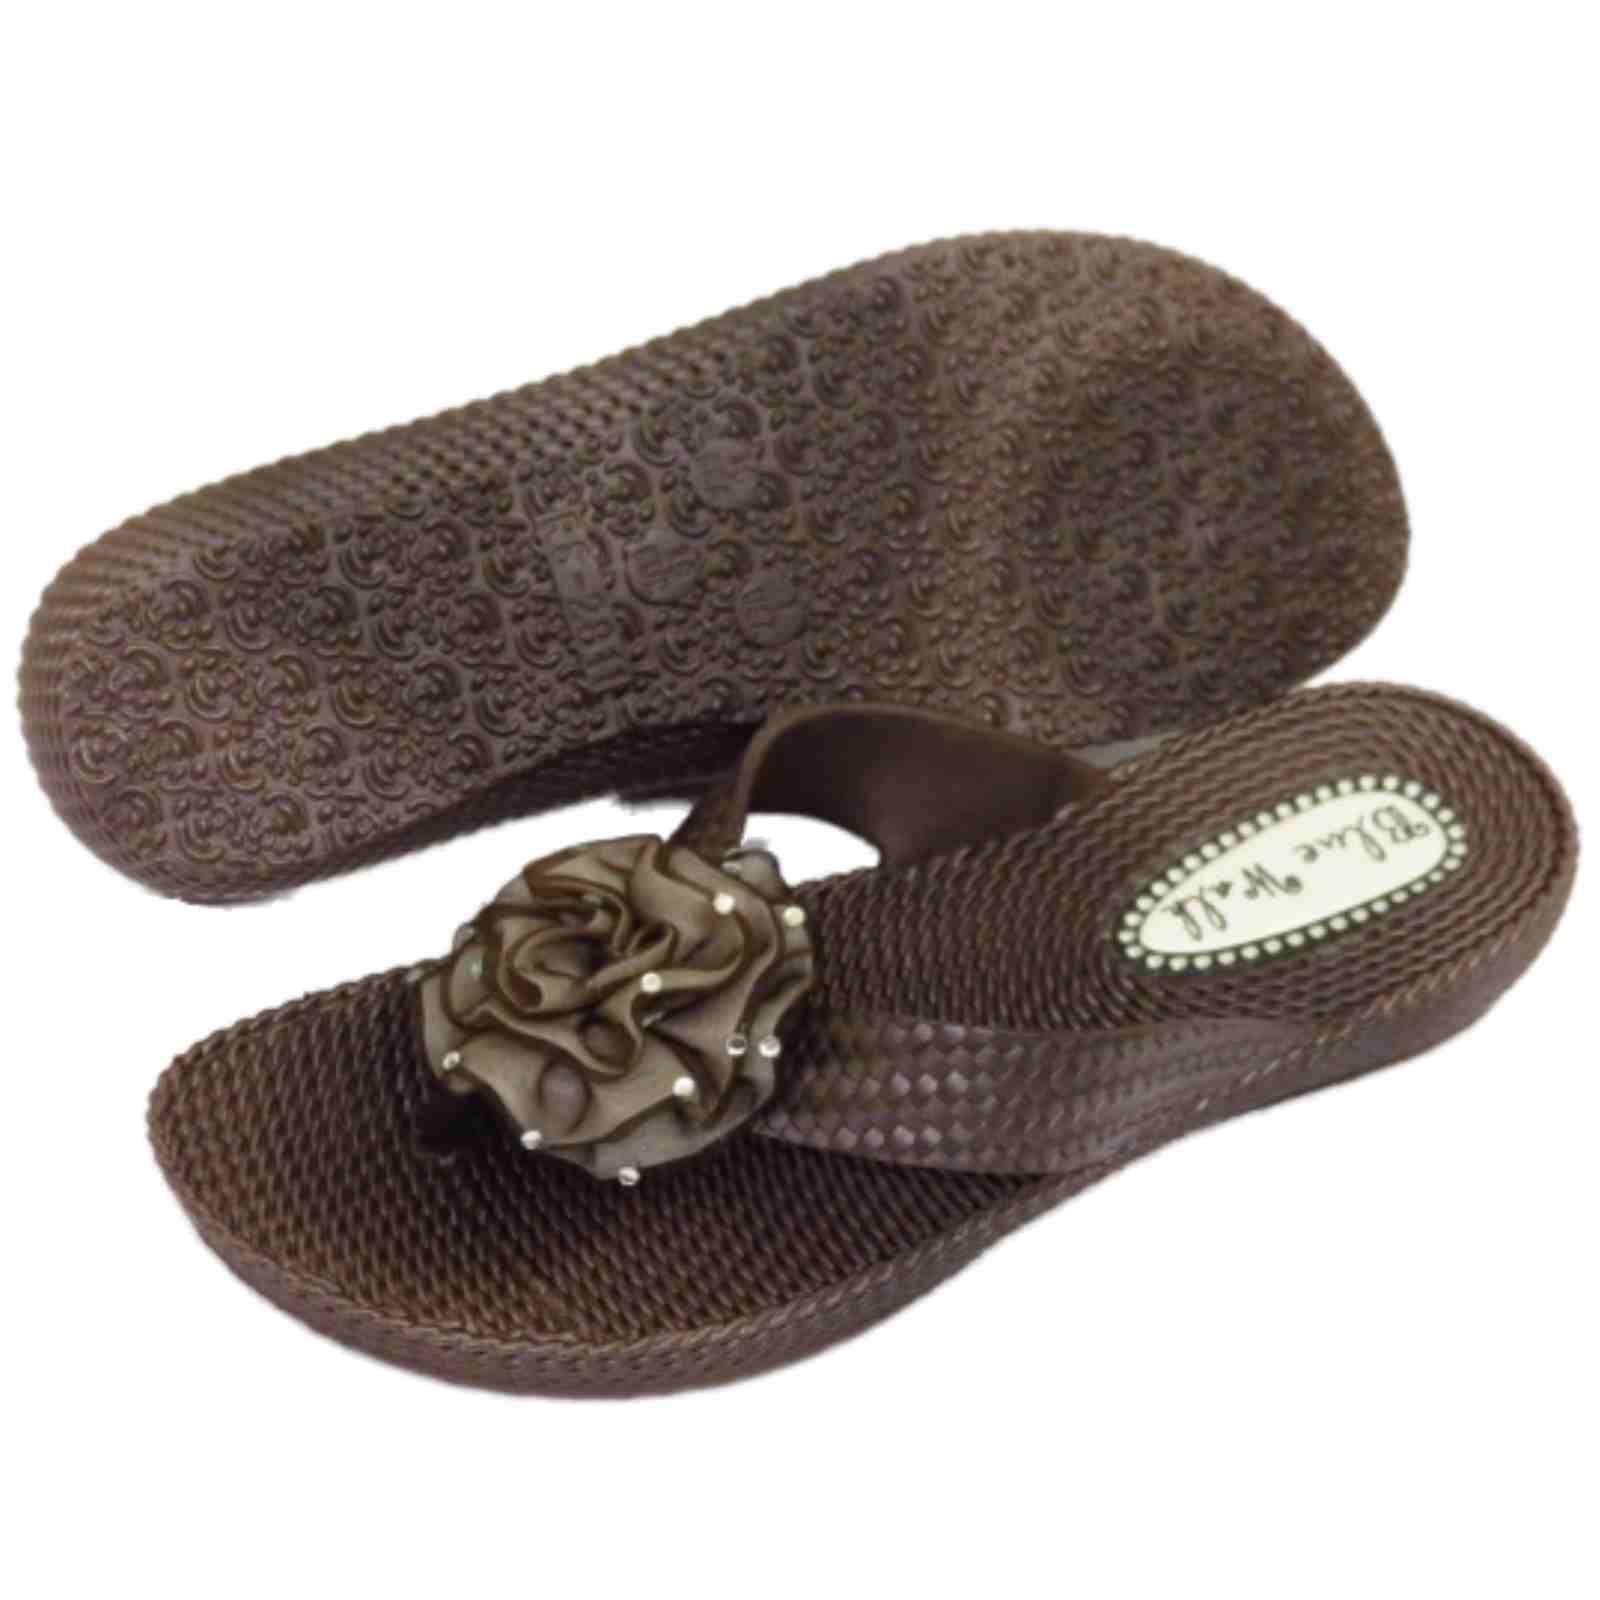 damen flach braun zehensteg riemen sandalen flip flop strand blume ebay. Black Bedroom Furniture Sets. Home Design Ideas